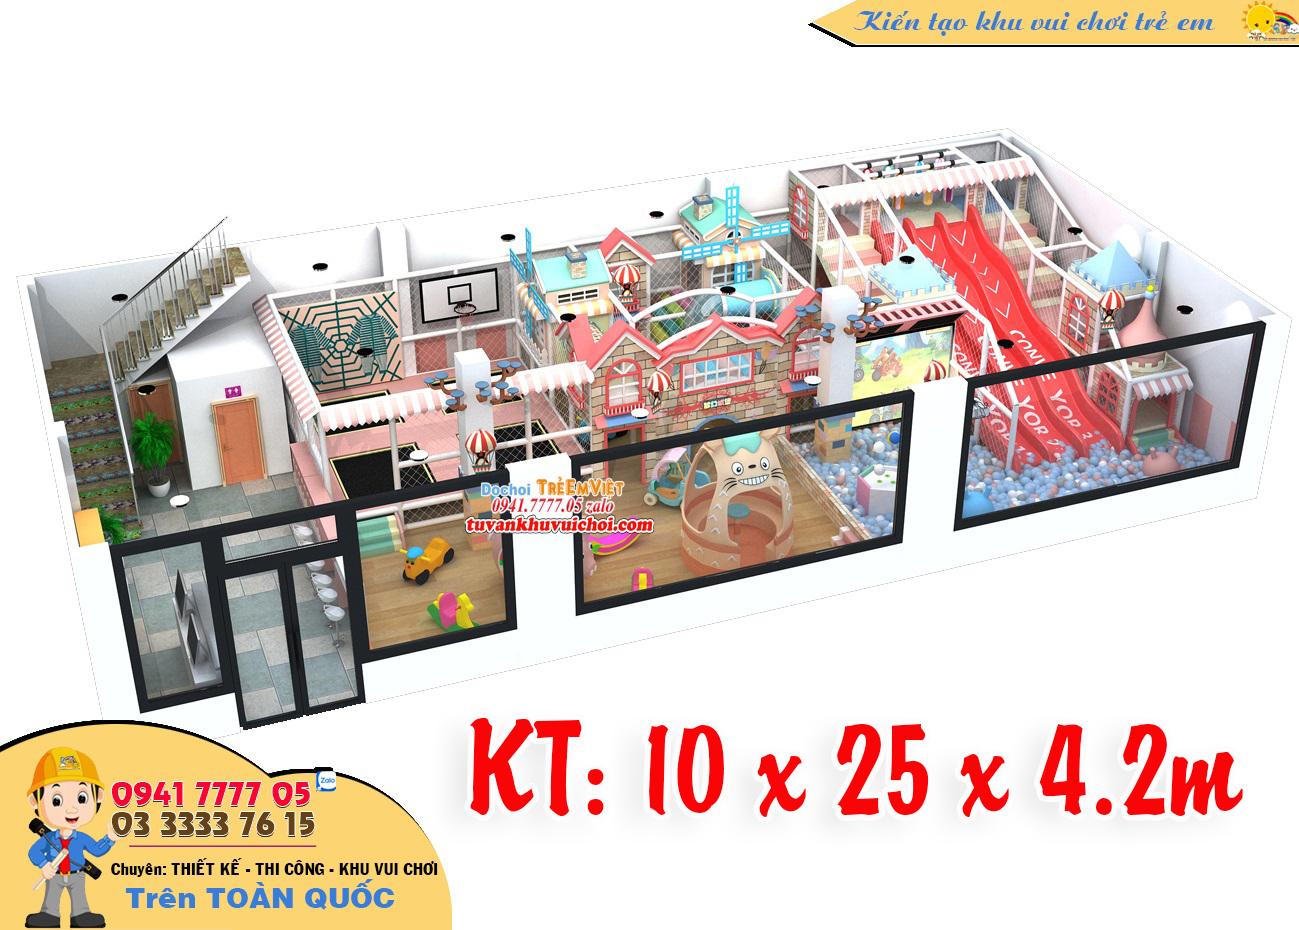 Mô hình nhà bóng liên hoàn 3 tầng kích thước: 10 x 25 x 4.8 m.